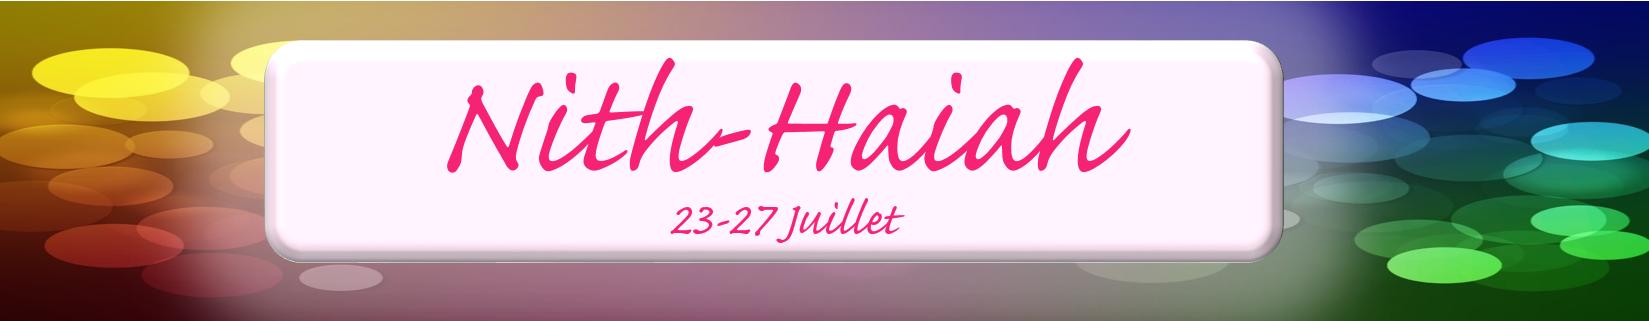 Nith-Haiah